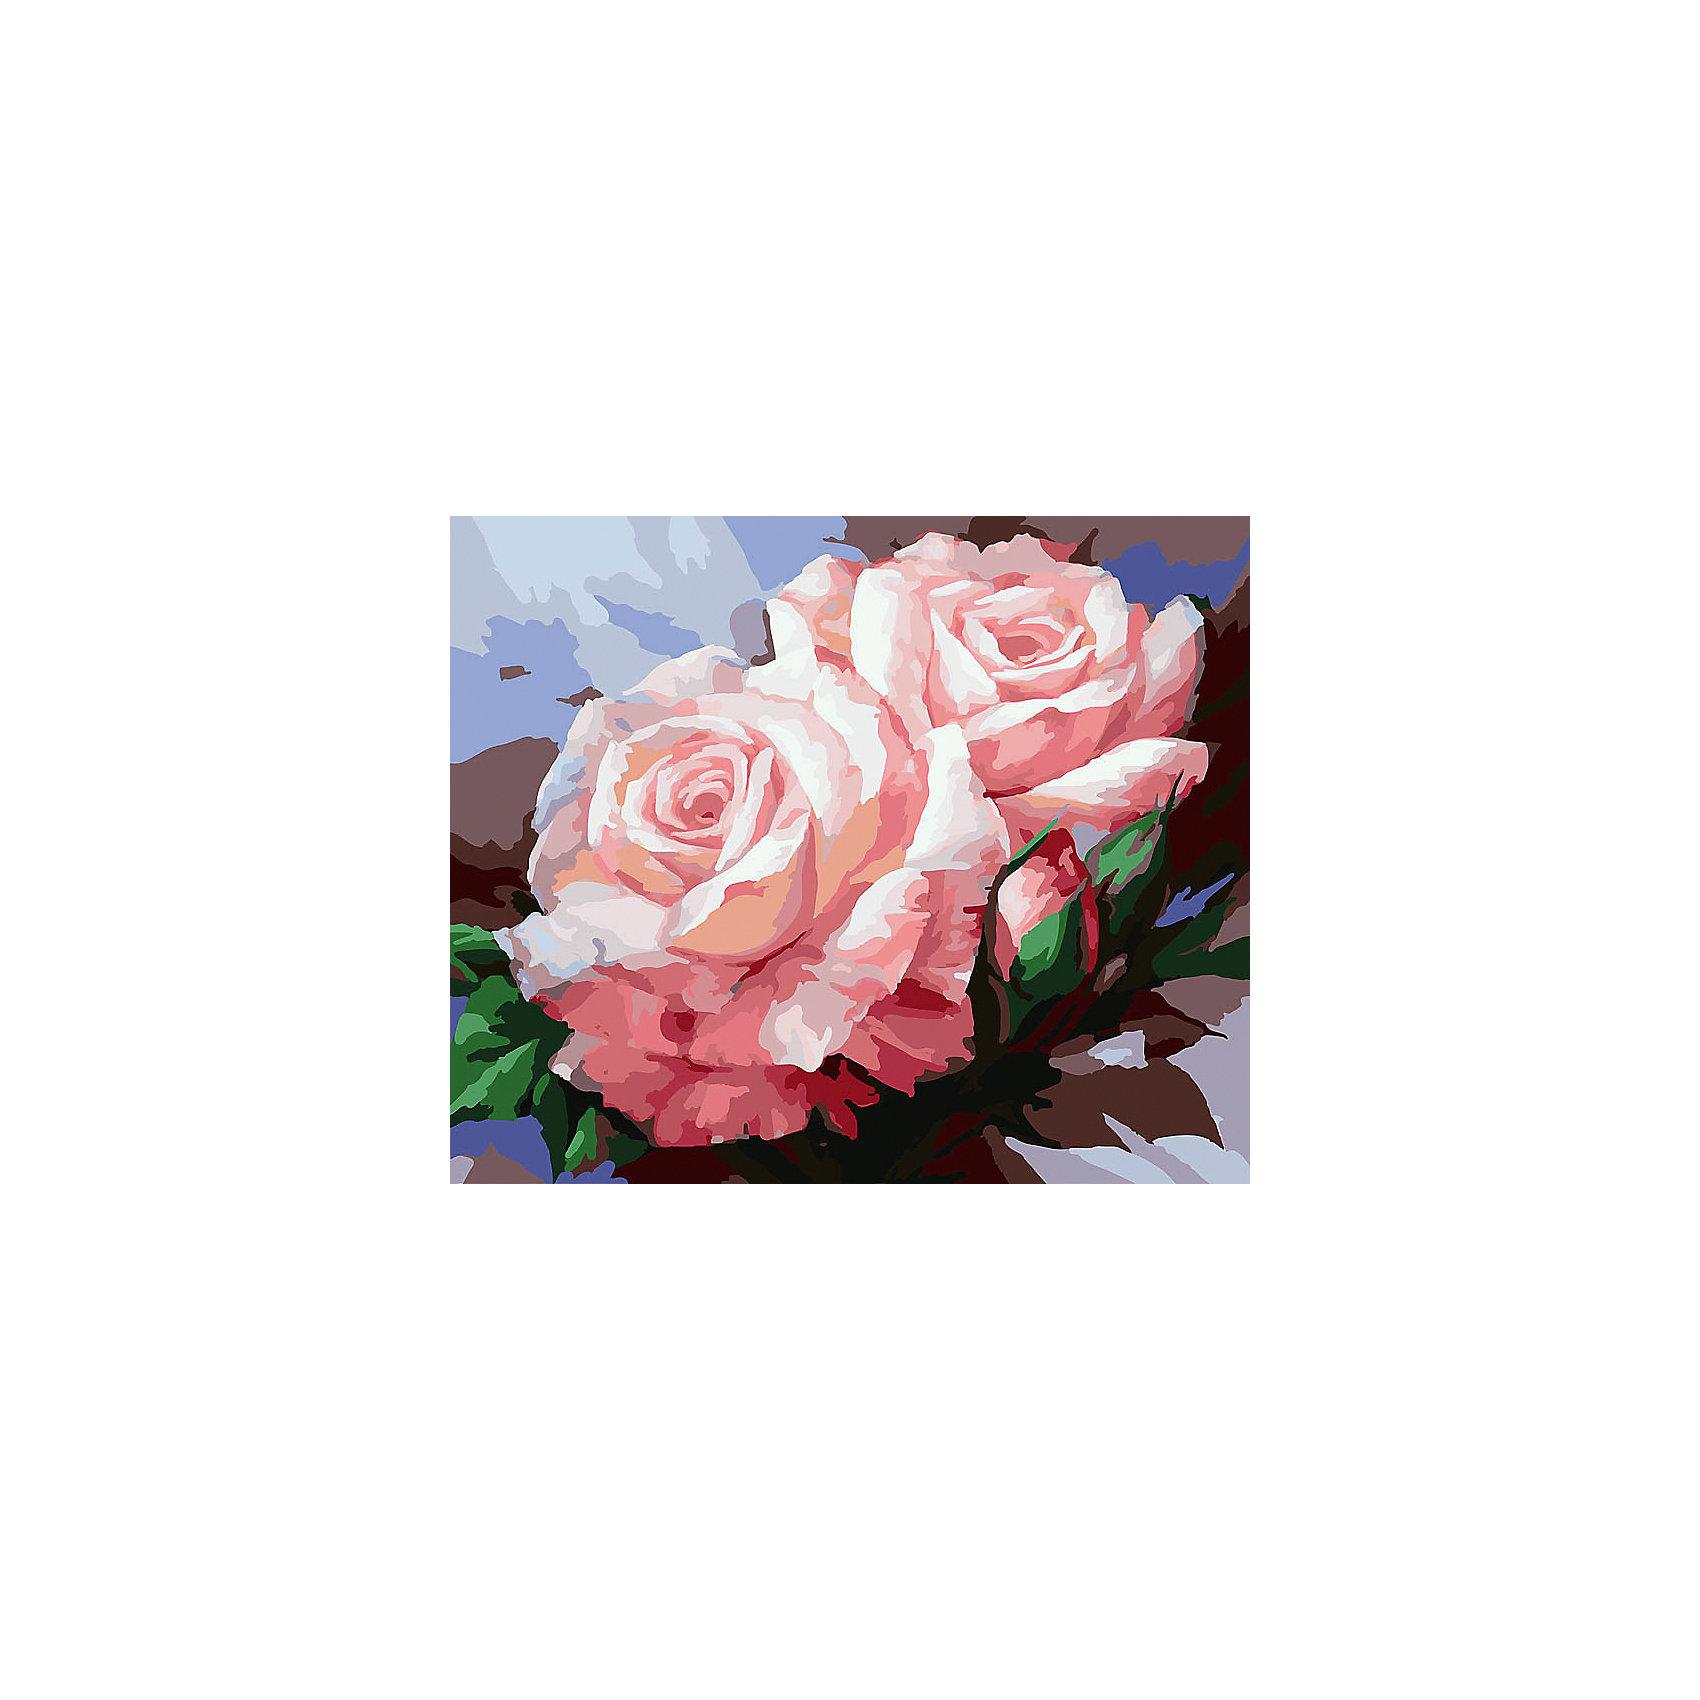 Живопись на холсте Нежные розы, 40*50 смРисование<br>Живопись на холсте Нежные розы, 40*50 см<br><br>Характеристики:<br><br>• Вес: 850<br>• Размер: 40х50<br>• Краски: акриловые, быстросохнущие<br>• Количество цветов: 30<br>• В наборе: холст на подрамнике, настенное крепление, контрольный лист с рисунком, 30 красок, 3 кисти<br><br>Данный набор позволит любому человеку ощутить себя профессиональным художником. В комплект входит холст с нанесенным на него рисунком по номерам, акриловые краски на водной основе, специальный контрольный лист, предотвращающий ошибки и 3 удобные кисти разных размеров. <br><br>Рисовать на холсте очень удобно, а благодаря номерам на картине и баночках с краской - это совсем просто. Цвета ложатся ровным слоем, перекрывая нанесенный рисунок. Если вы боитесь, что где-то ошиблись – приложите контрольный лист, который полностью повторяет схему. Акриловые краски совершенно безопасны и не имеют запаха. А благодаря настенному креплению вы сможете повесить готовую работу.<br><br>Живопись на холсте Нежные розы, 40*50 см можно купить в нашем интернет-магазине.<br><br>Ширина мм: 510<br>Глубина мм: 410<br>Высота мм: 250<br>Вес г: 850<br>Возраст от месяцев: 72<br>Возраст до месяцев: 2147483647<br>Пол: Унисекс<br>Возраст: Детский<br>SKU: 5500391